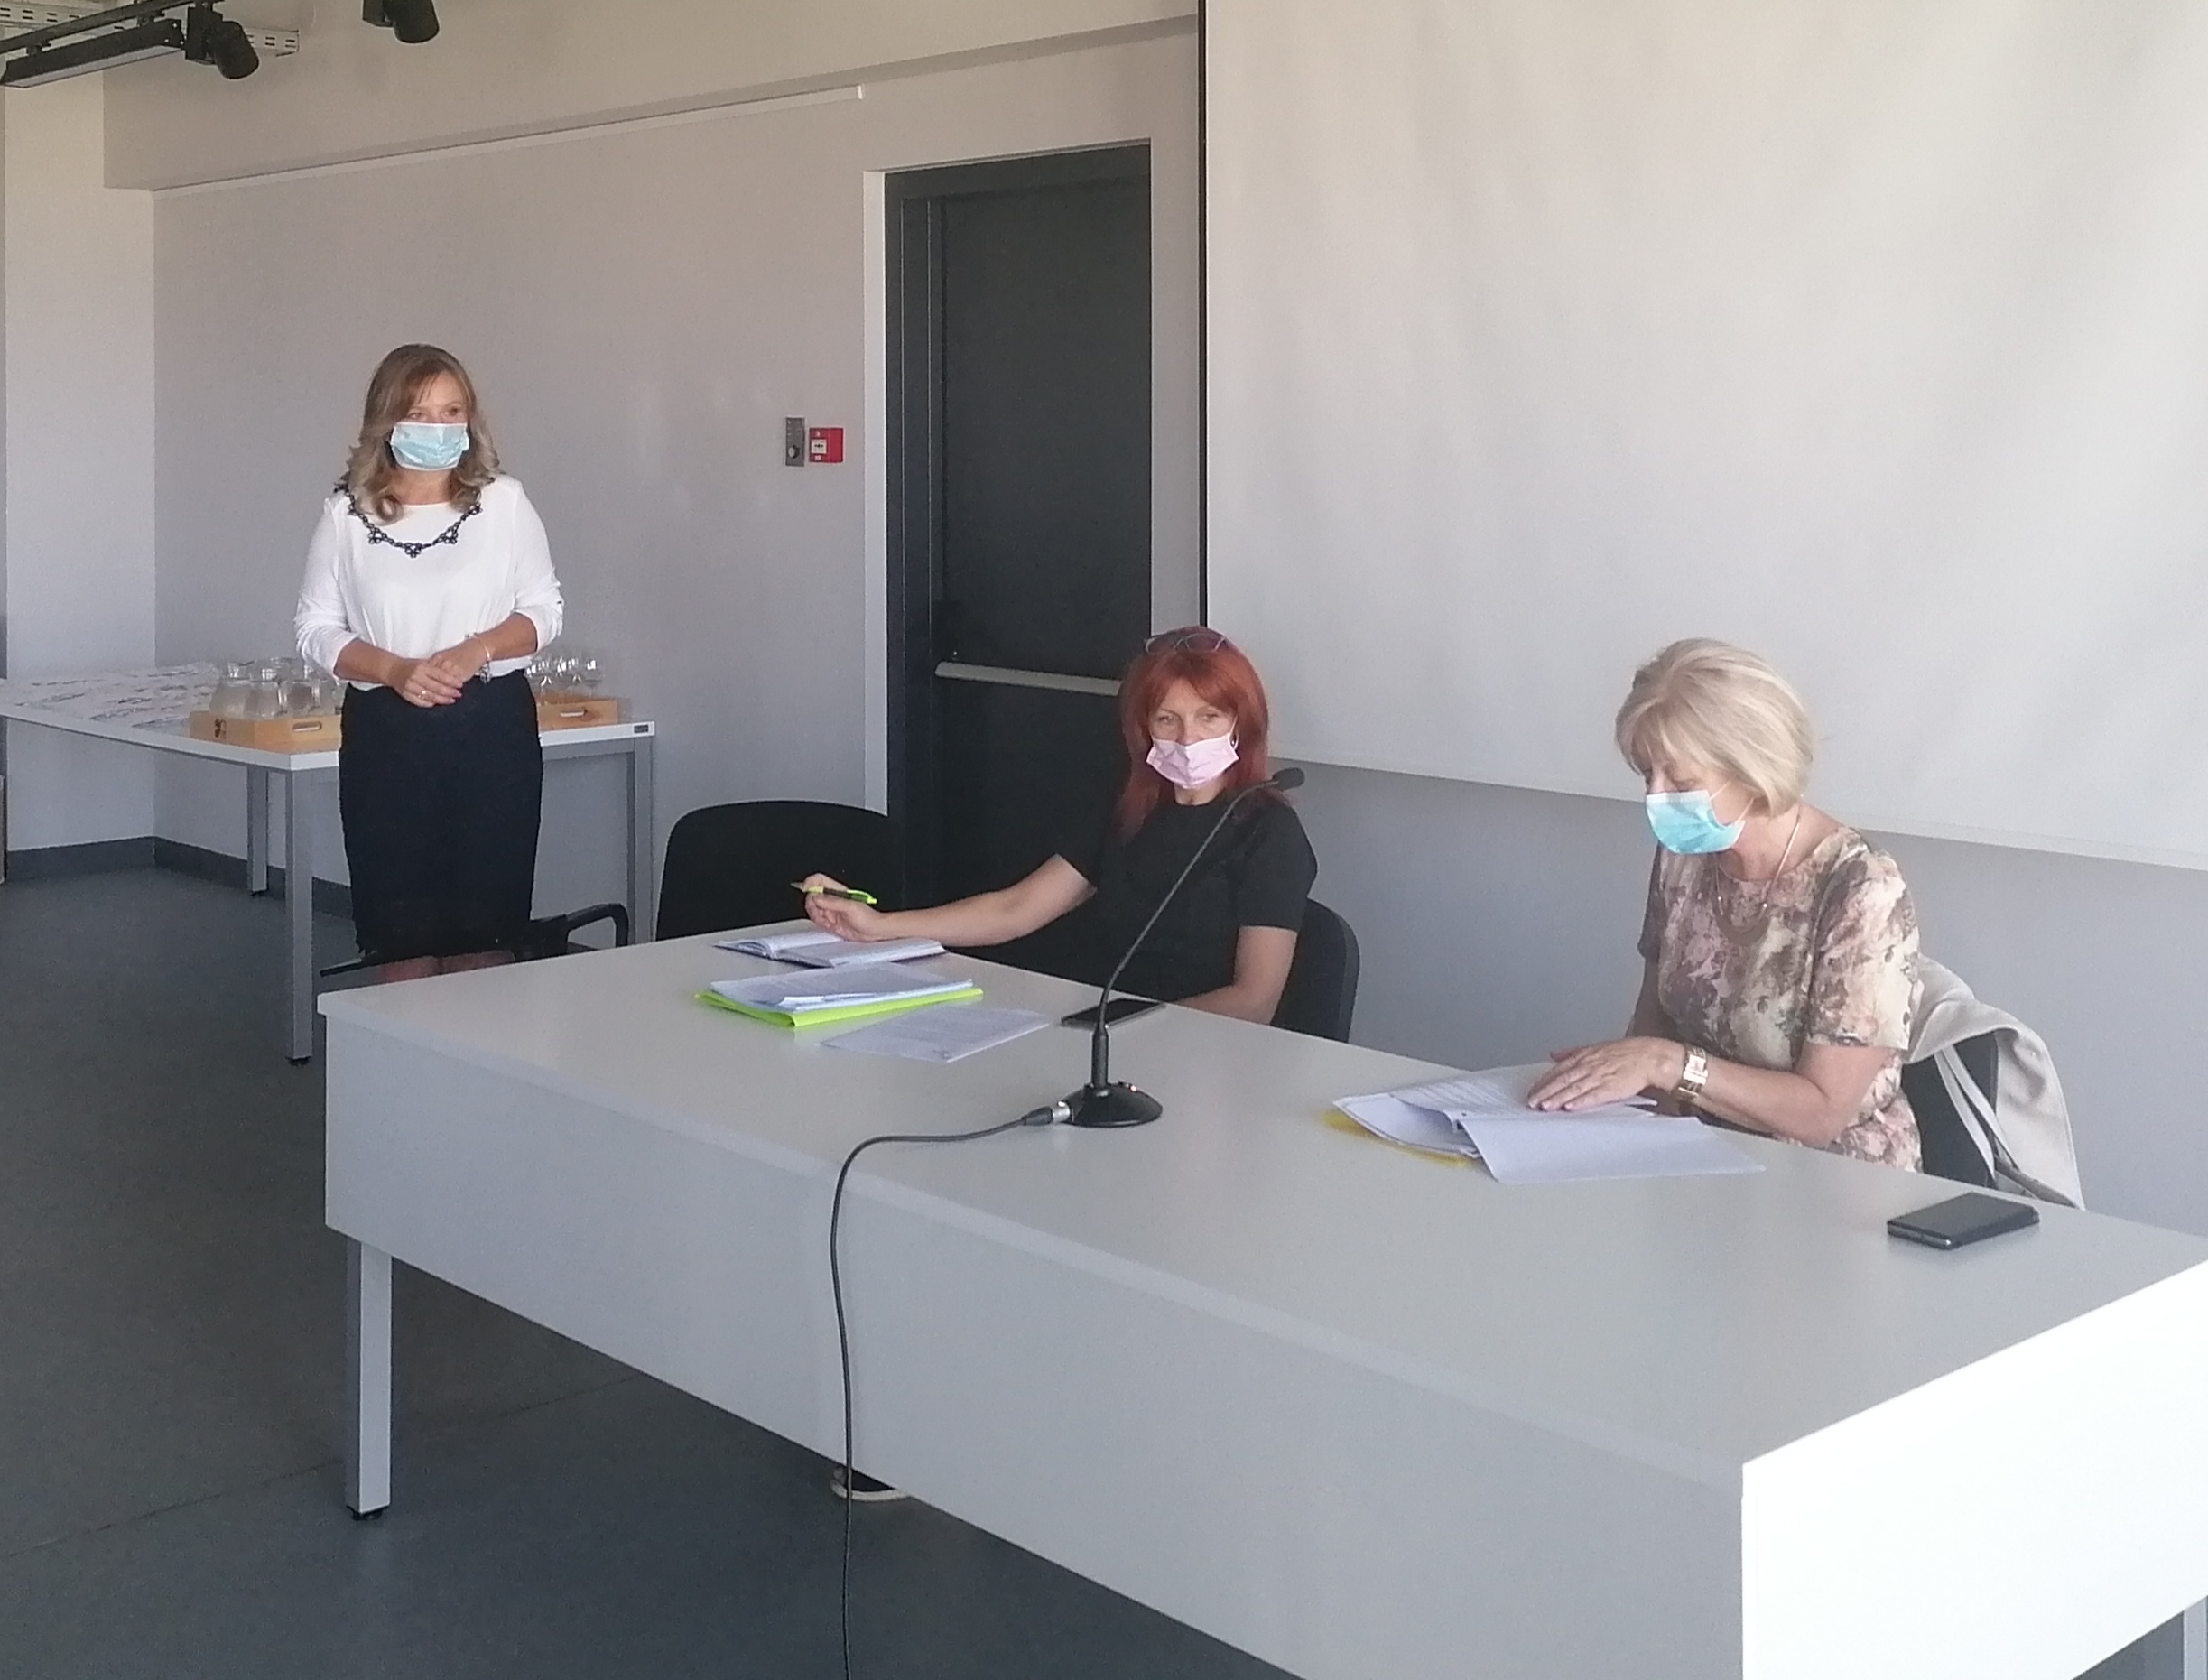 Karlovačka županija osigurala 16 000 maski za sve učenike i djelatnike u školskom sustavu kojima je osnivač